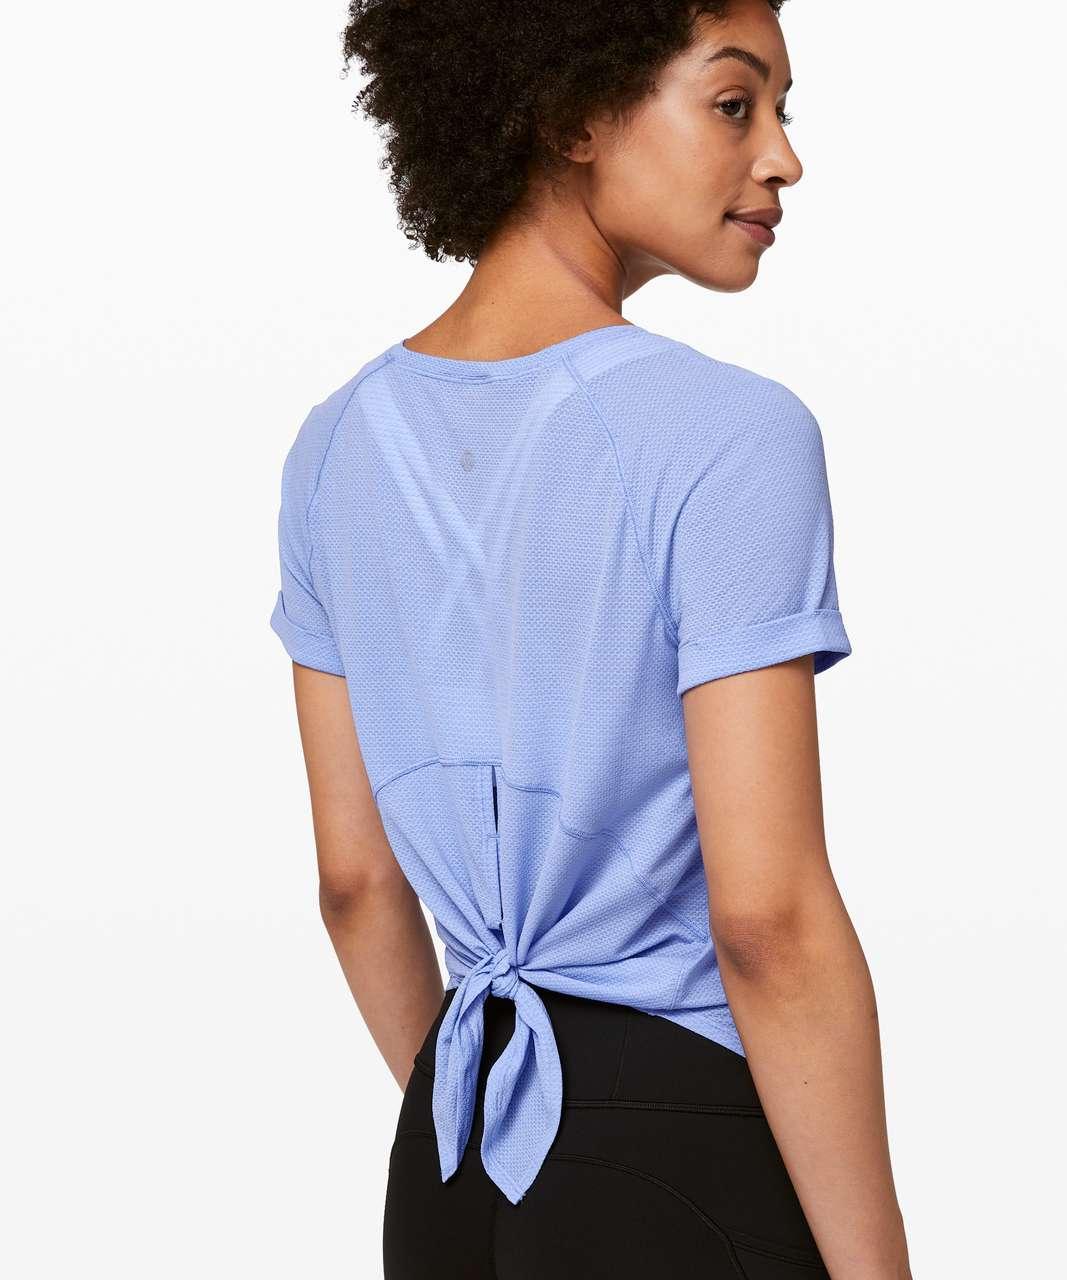 Lululemon Open Up Tie Back Tee - Black / Hydrangea Blue